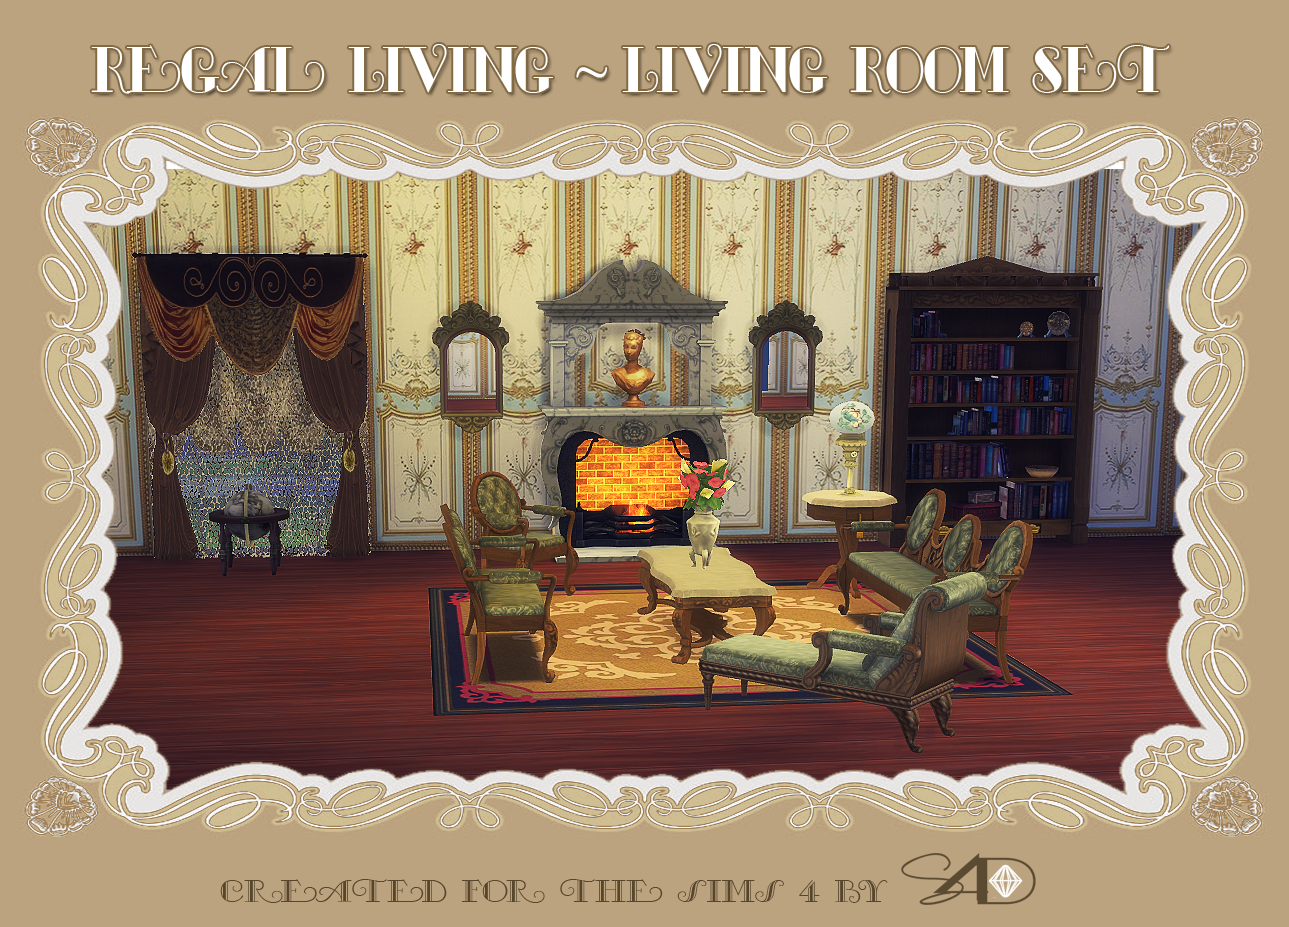 ts to ts regal living  living room set  sims  designs  sims  - ts to ts regal living  living room set  sims  designs